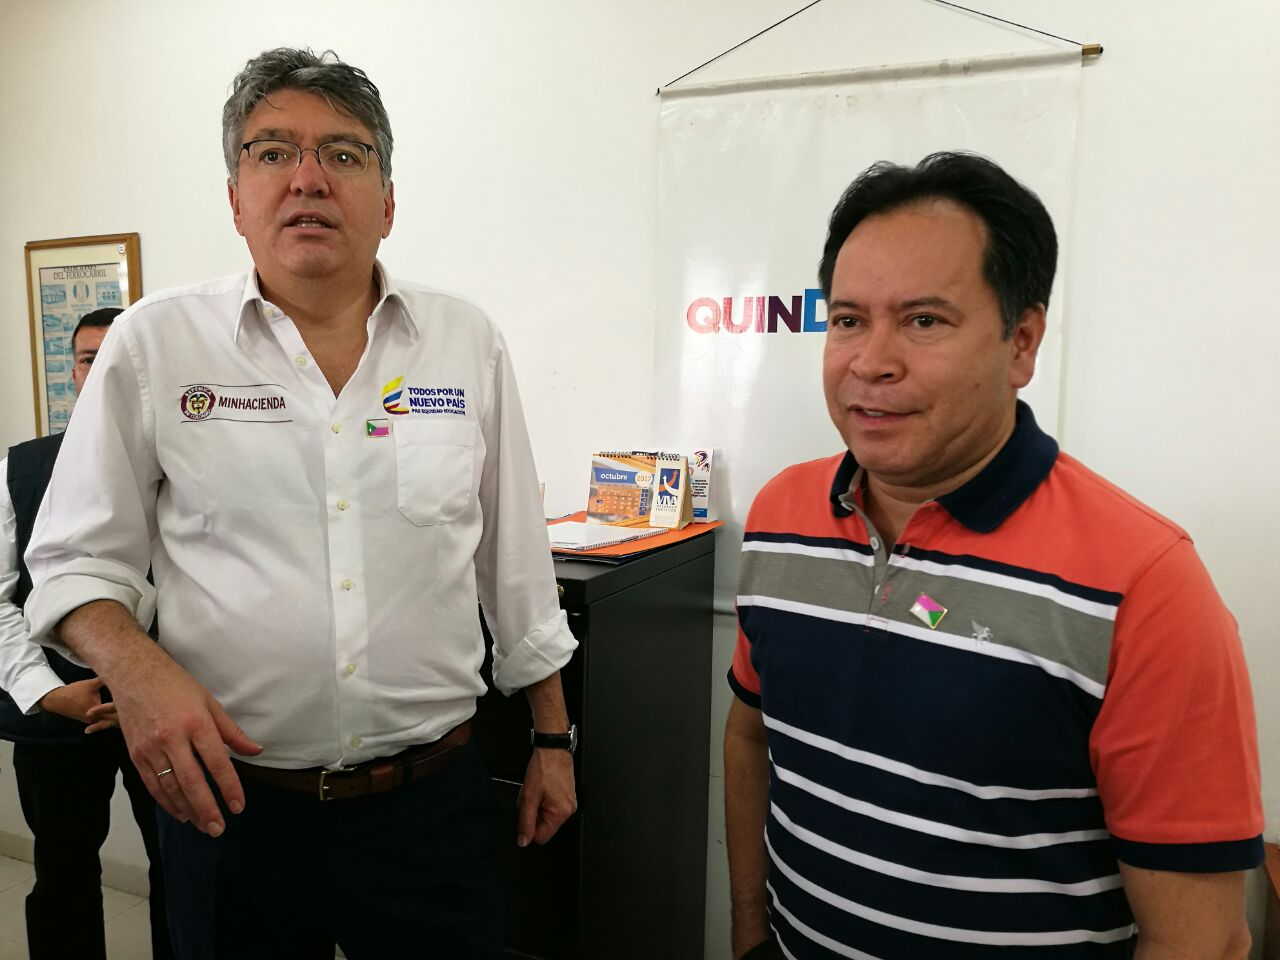 Gobernador de Norte de Santander, William Villamizar Laguado - Encuentro con Ministro de Hacienda (7)